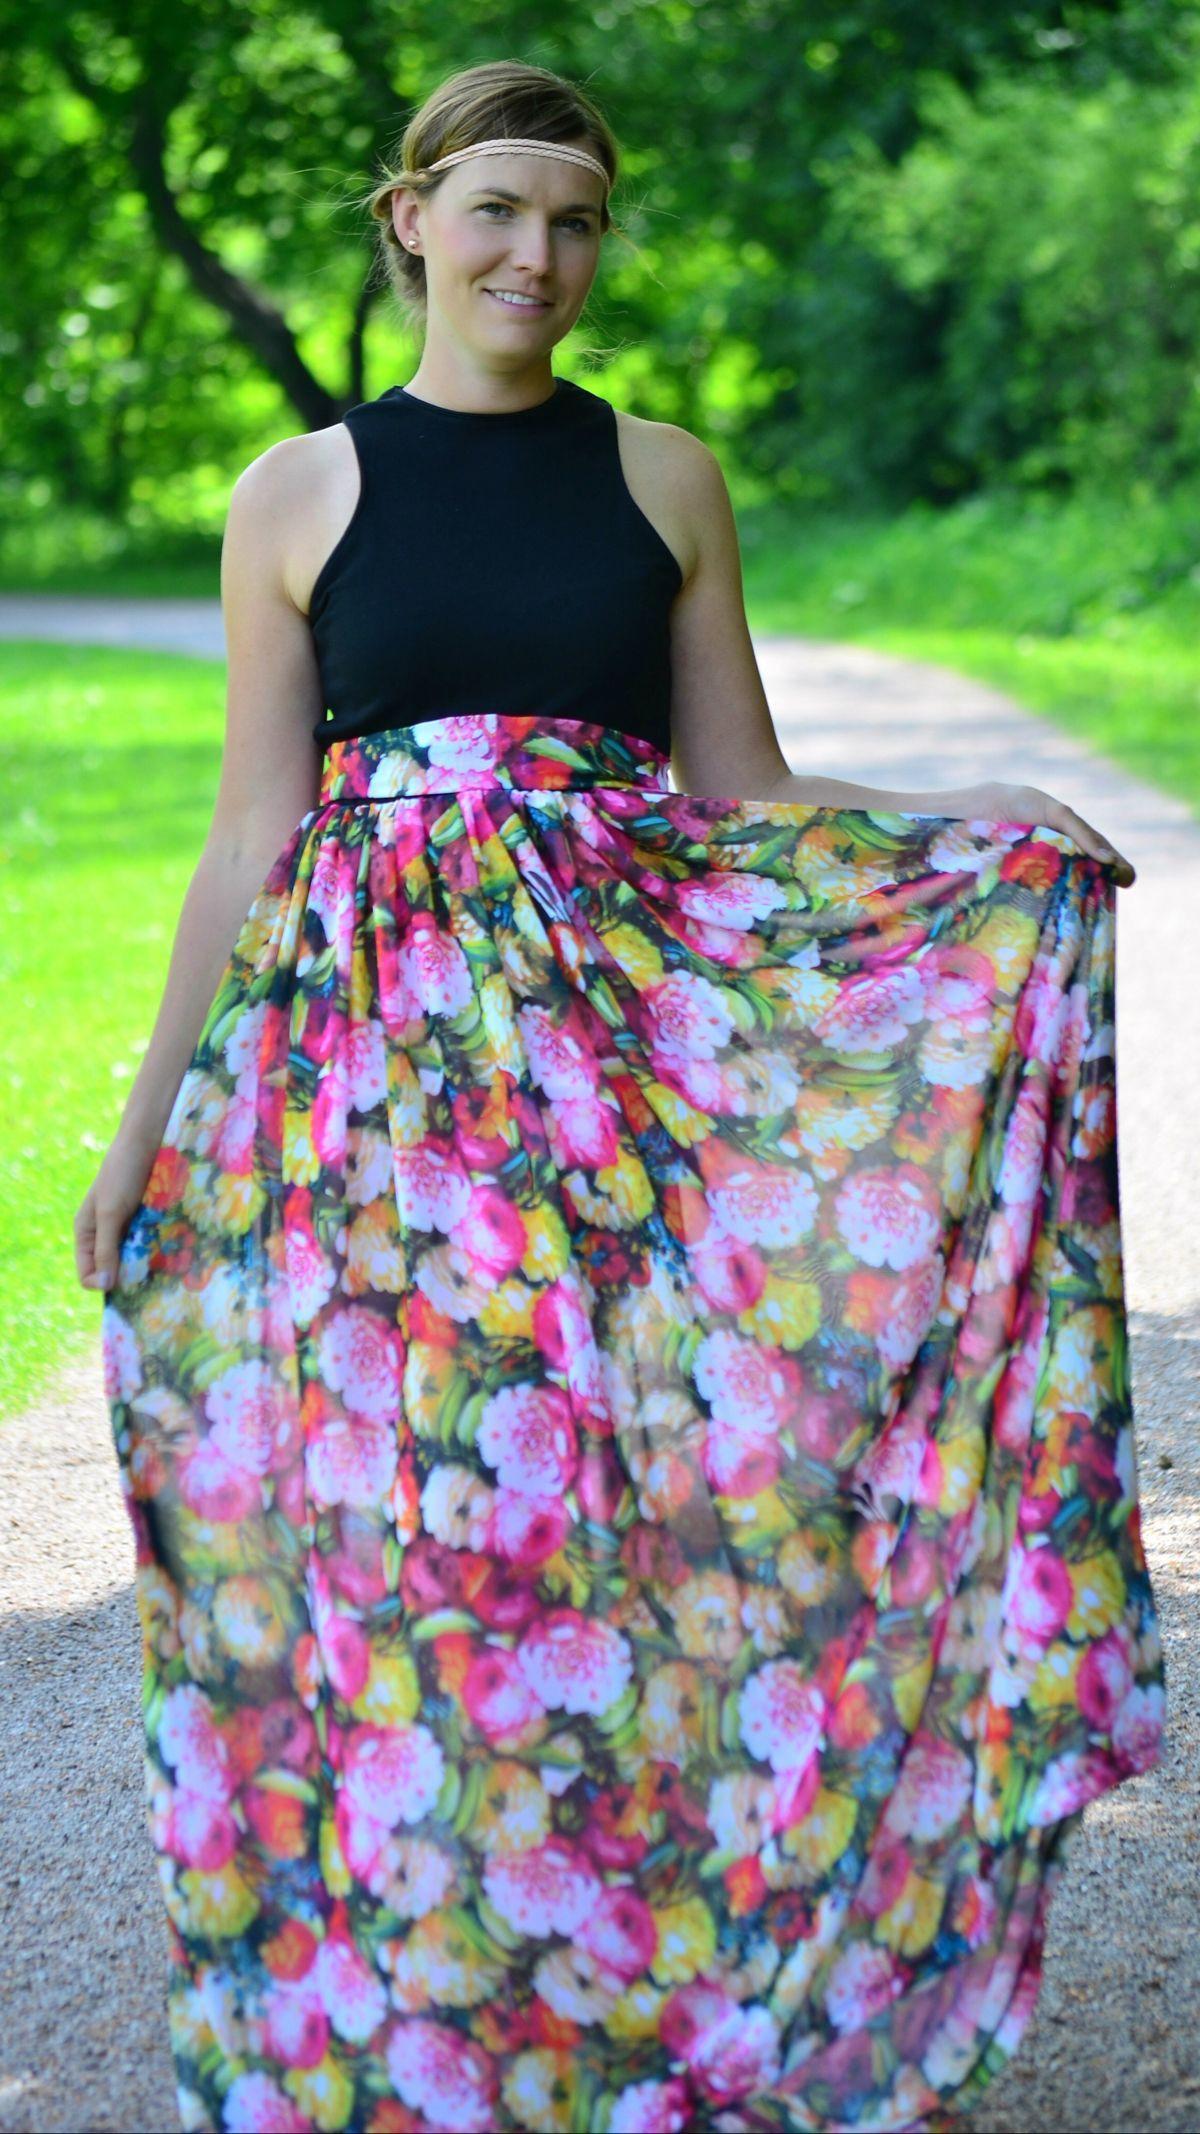 Sommerkleider selber nähen - wir zeigen dir schöne ...